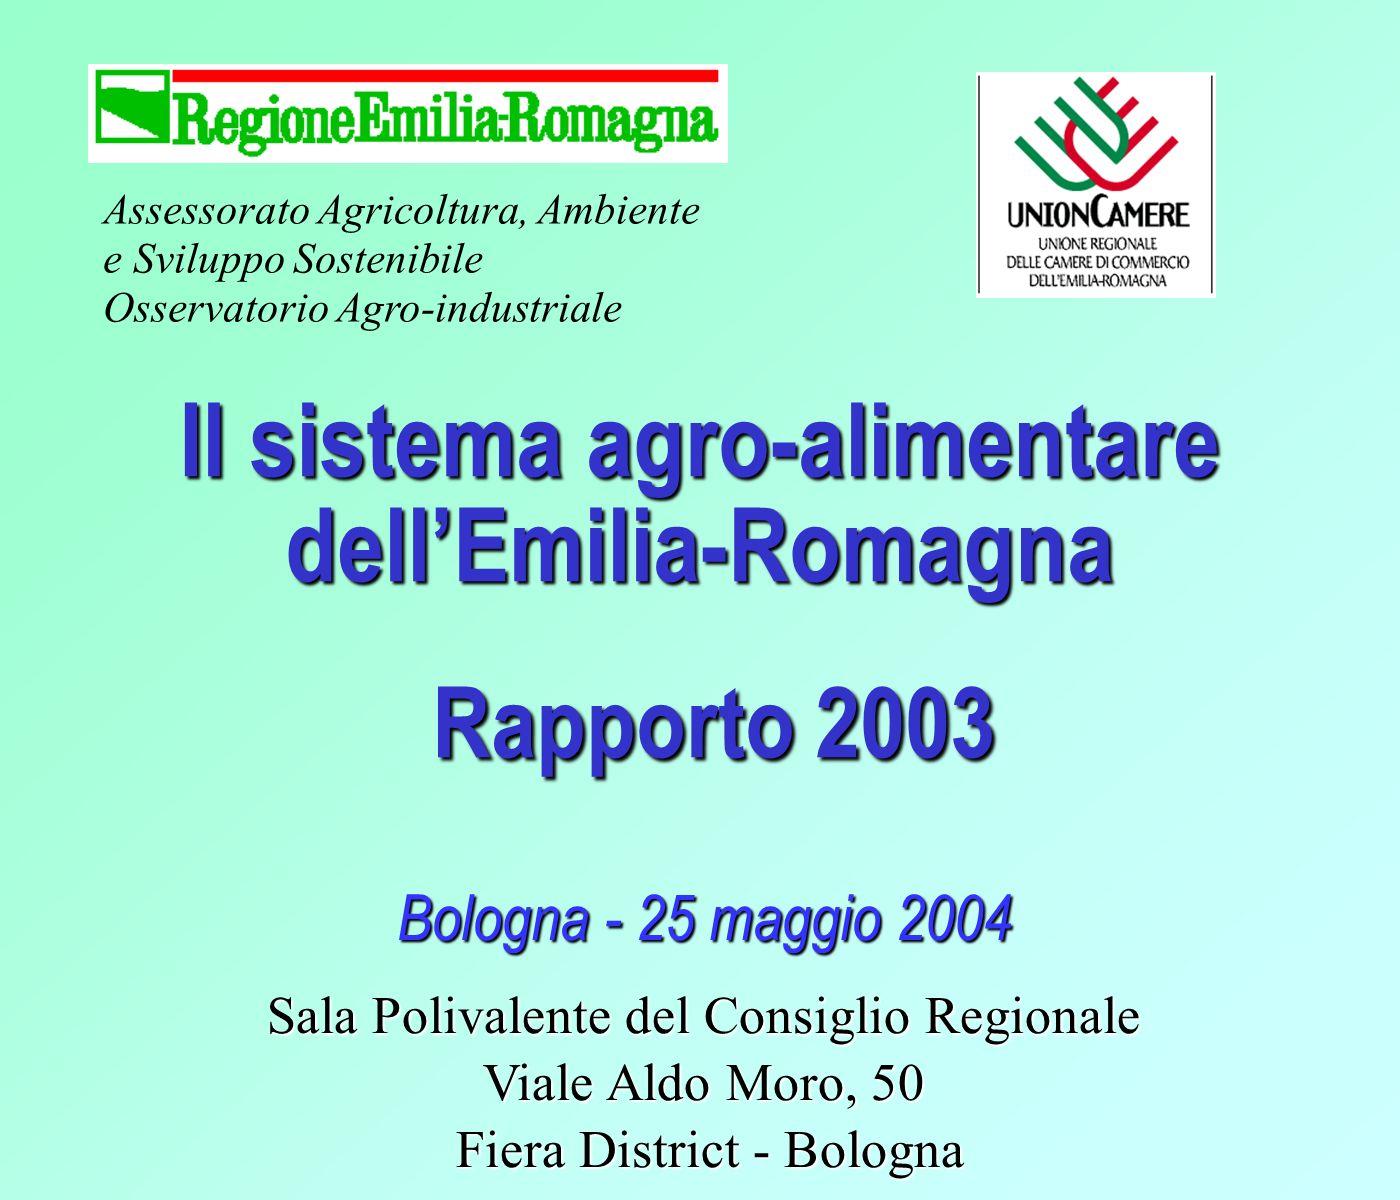 Distribuzione compensazioni dei i seminativi per zona altimetrica in E-R Fonte: Regione Emilia-Romagna – Assessorato Agricoltura, Ambiente e Sviluppo Sostenibile Gli interventi a favore dellagricoltura regionale 22